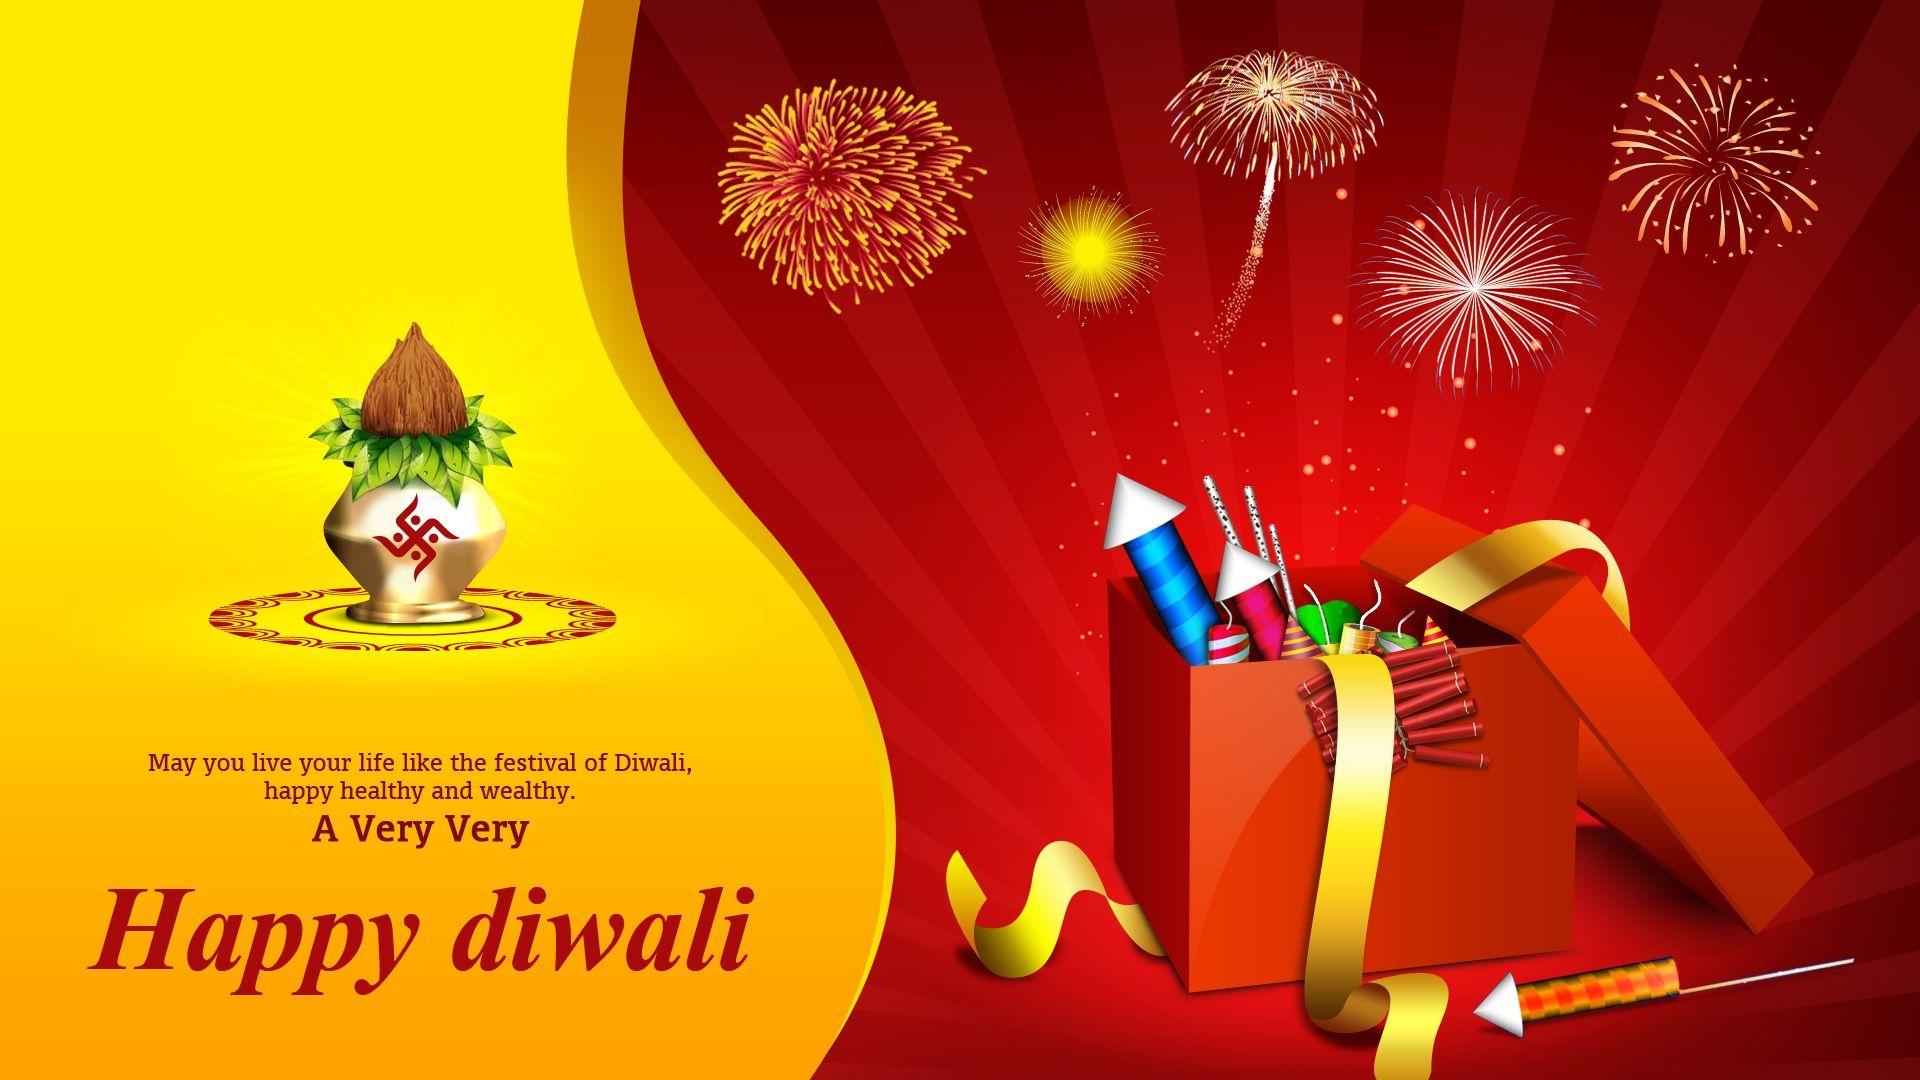 Happy Diwali festival wallpaper   HD Wallpapers Rocks ...